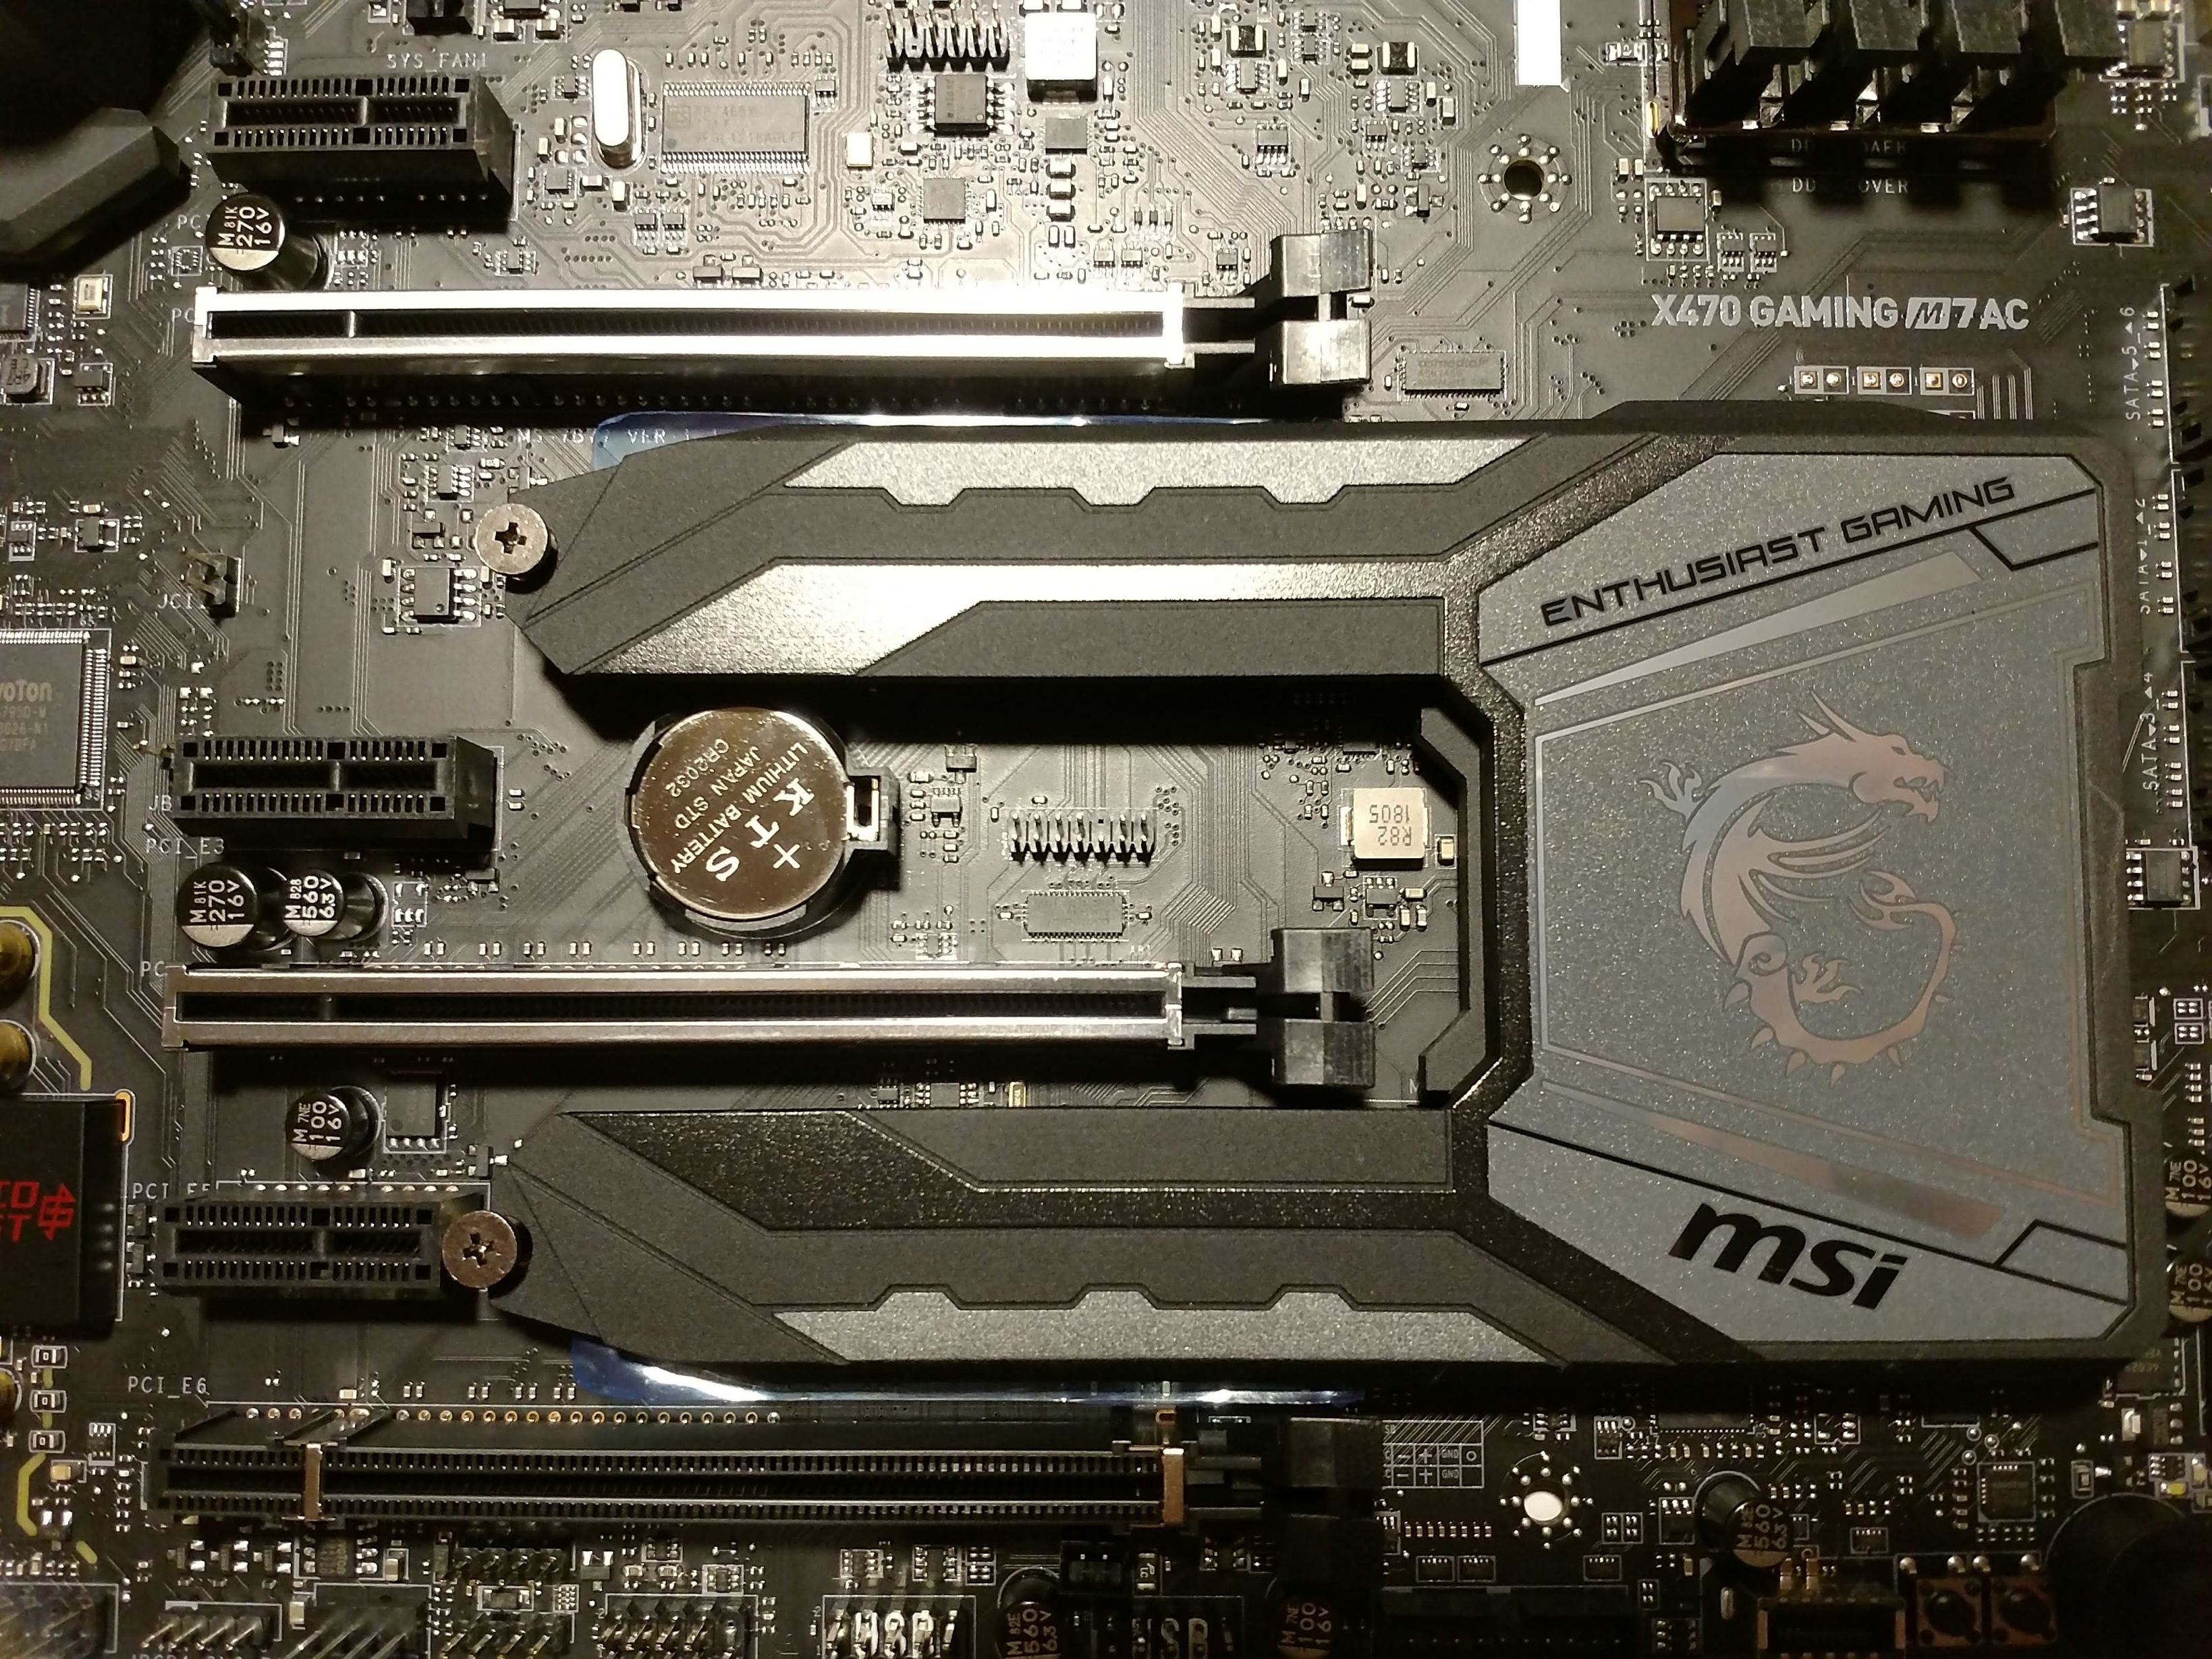 Klicken Sie auf die Grafik für eine größere Ansicht  Name:37. MSI X470 Gaming M7 AC M.2 SHIELD FROZR.jpg Hits:46 Größe:2,47 MB ID:1000582